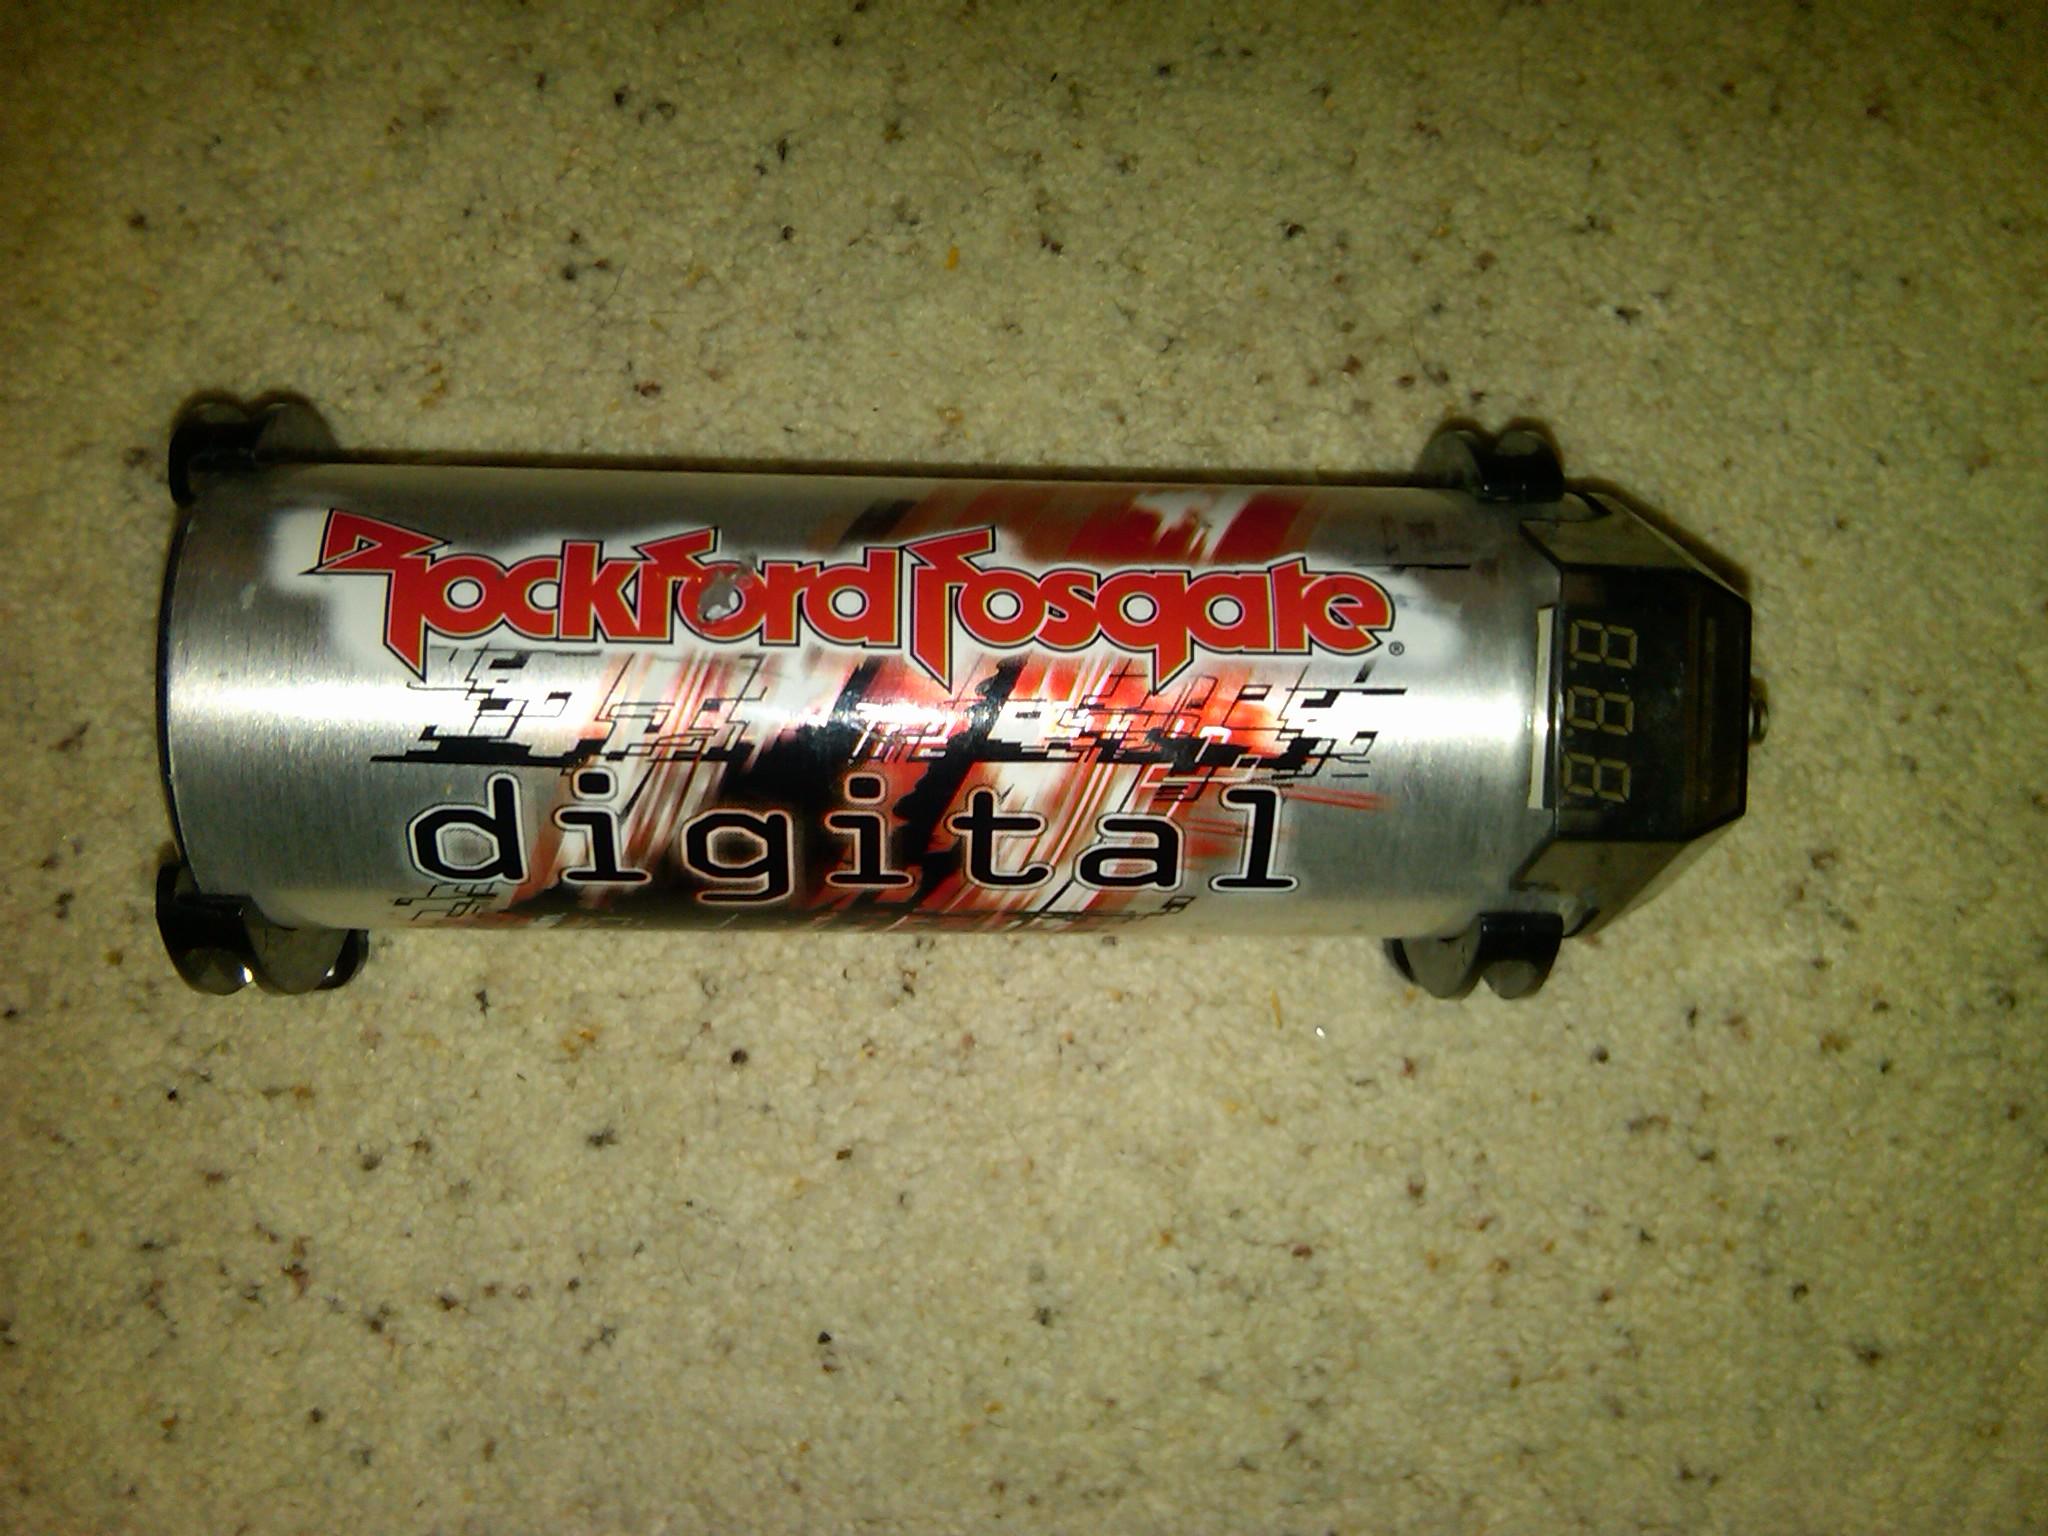 Rockford-Fosgate Power 1-Farad Digital Capacitor